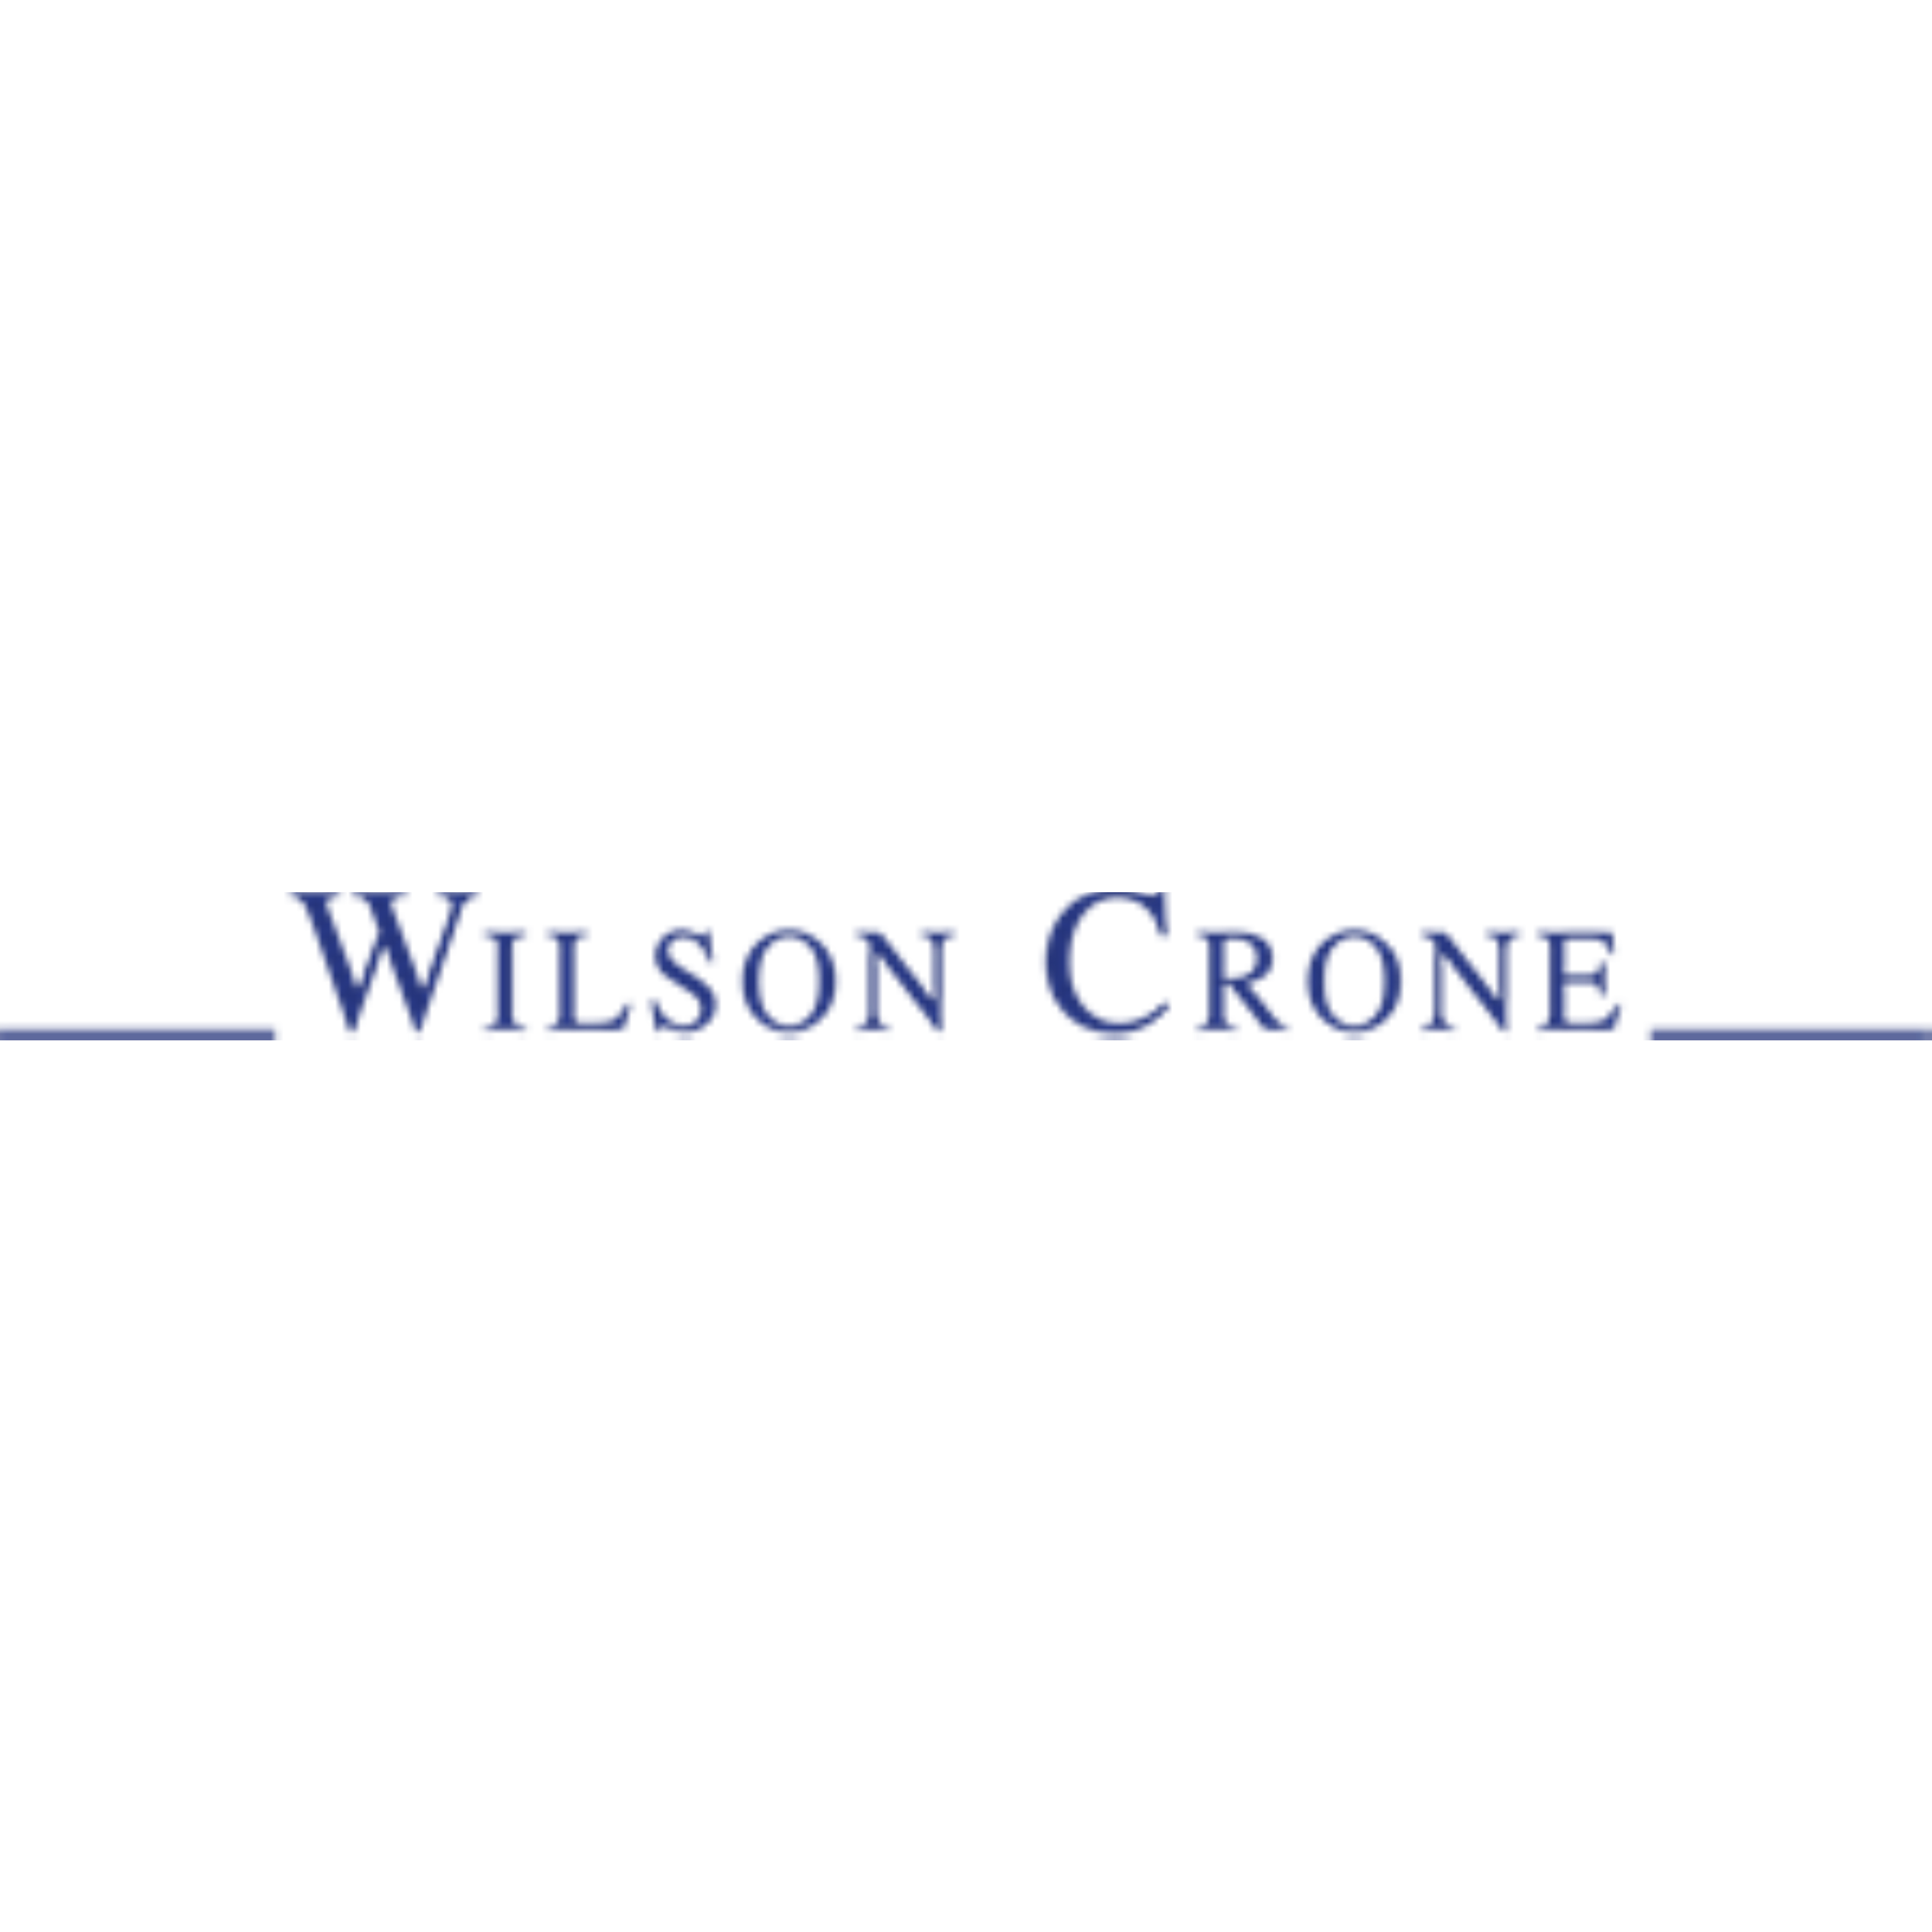 Wilson Crone